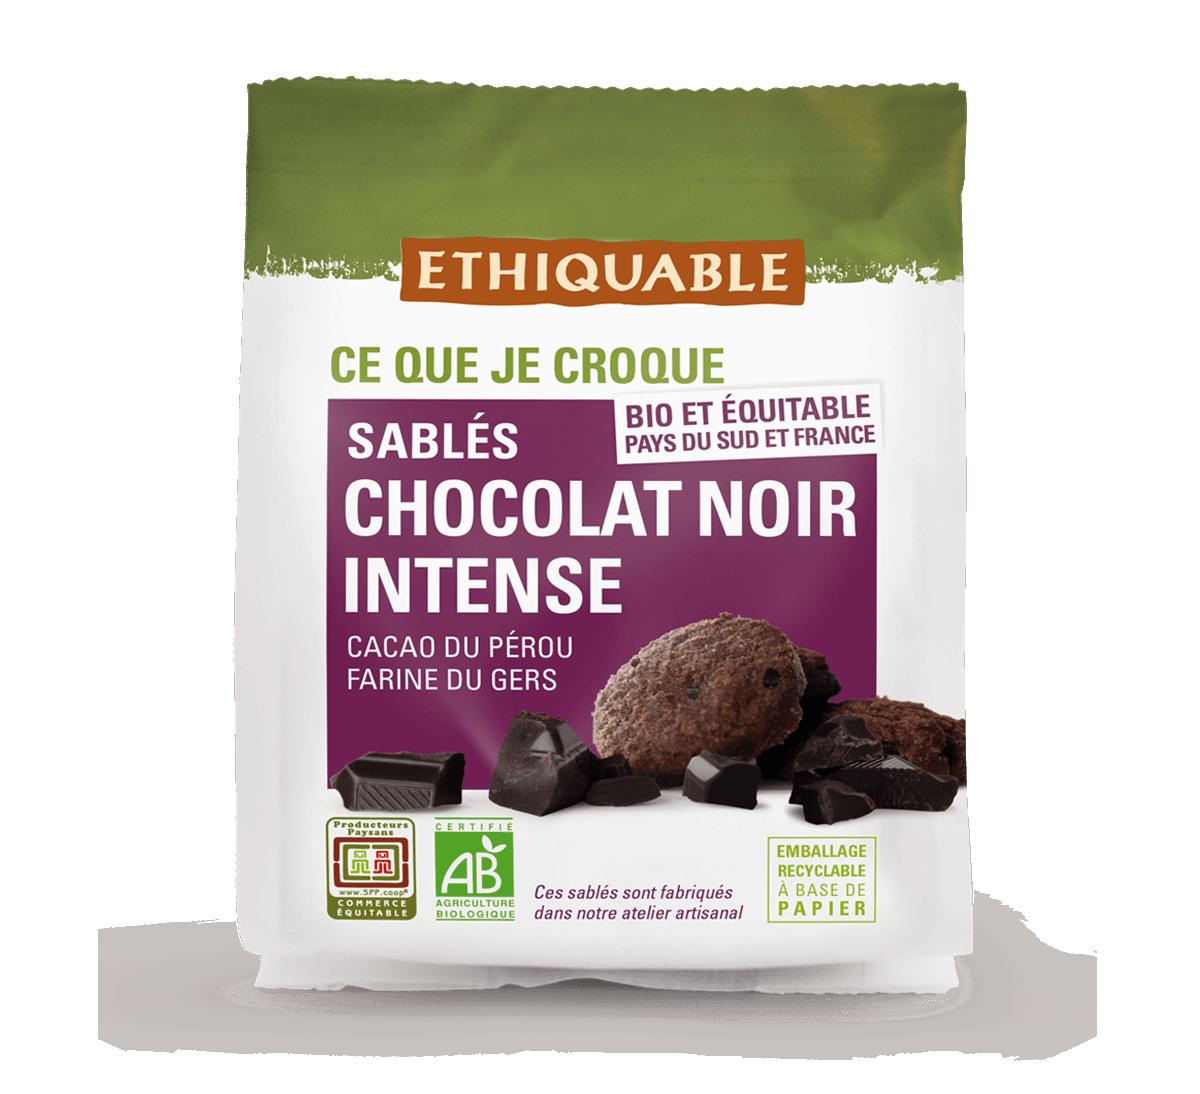 Ethiquable - Sablés bio au chocolat noir intense issus du Commerce équitable